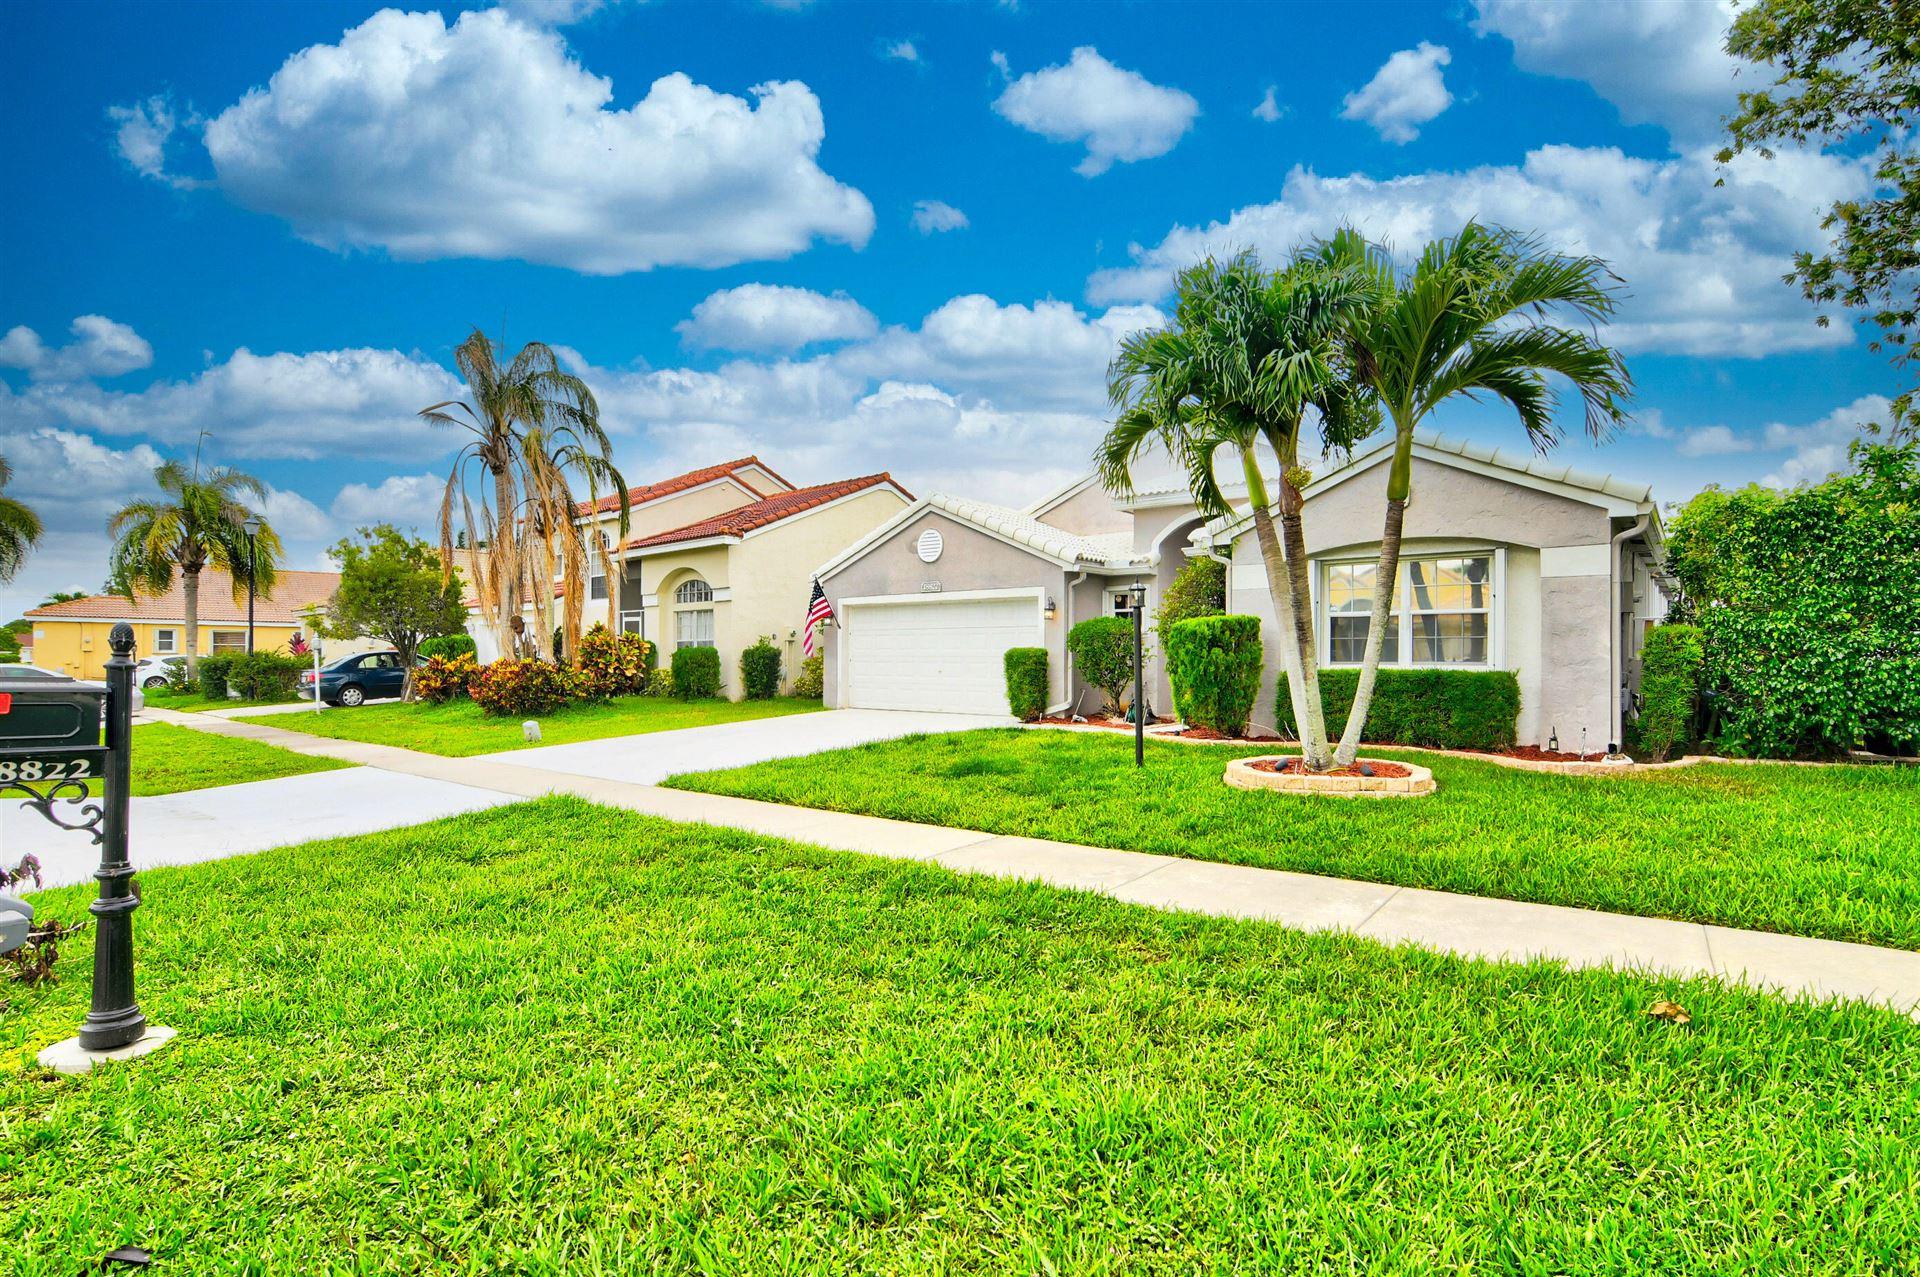 18822 Caspian Circle, Boca Raton, FL 33496 - MLS#: RX-10729232